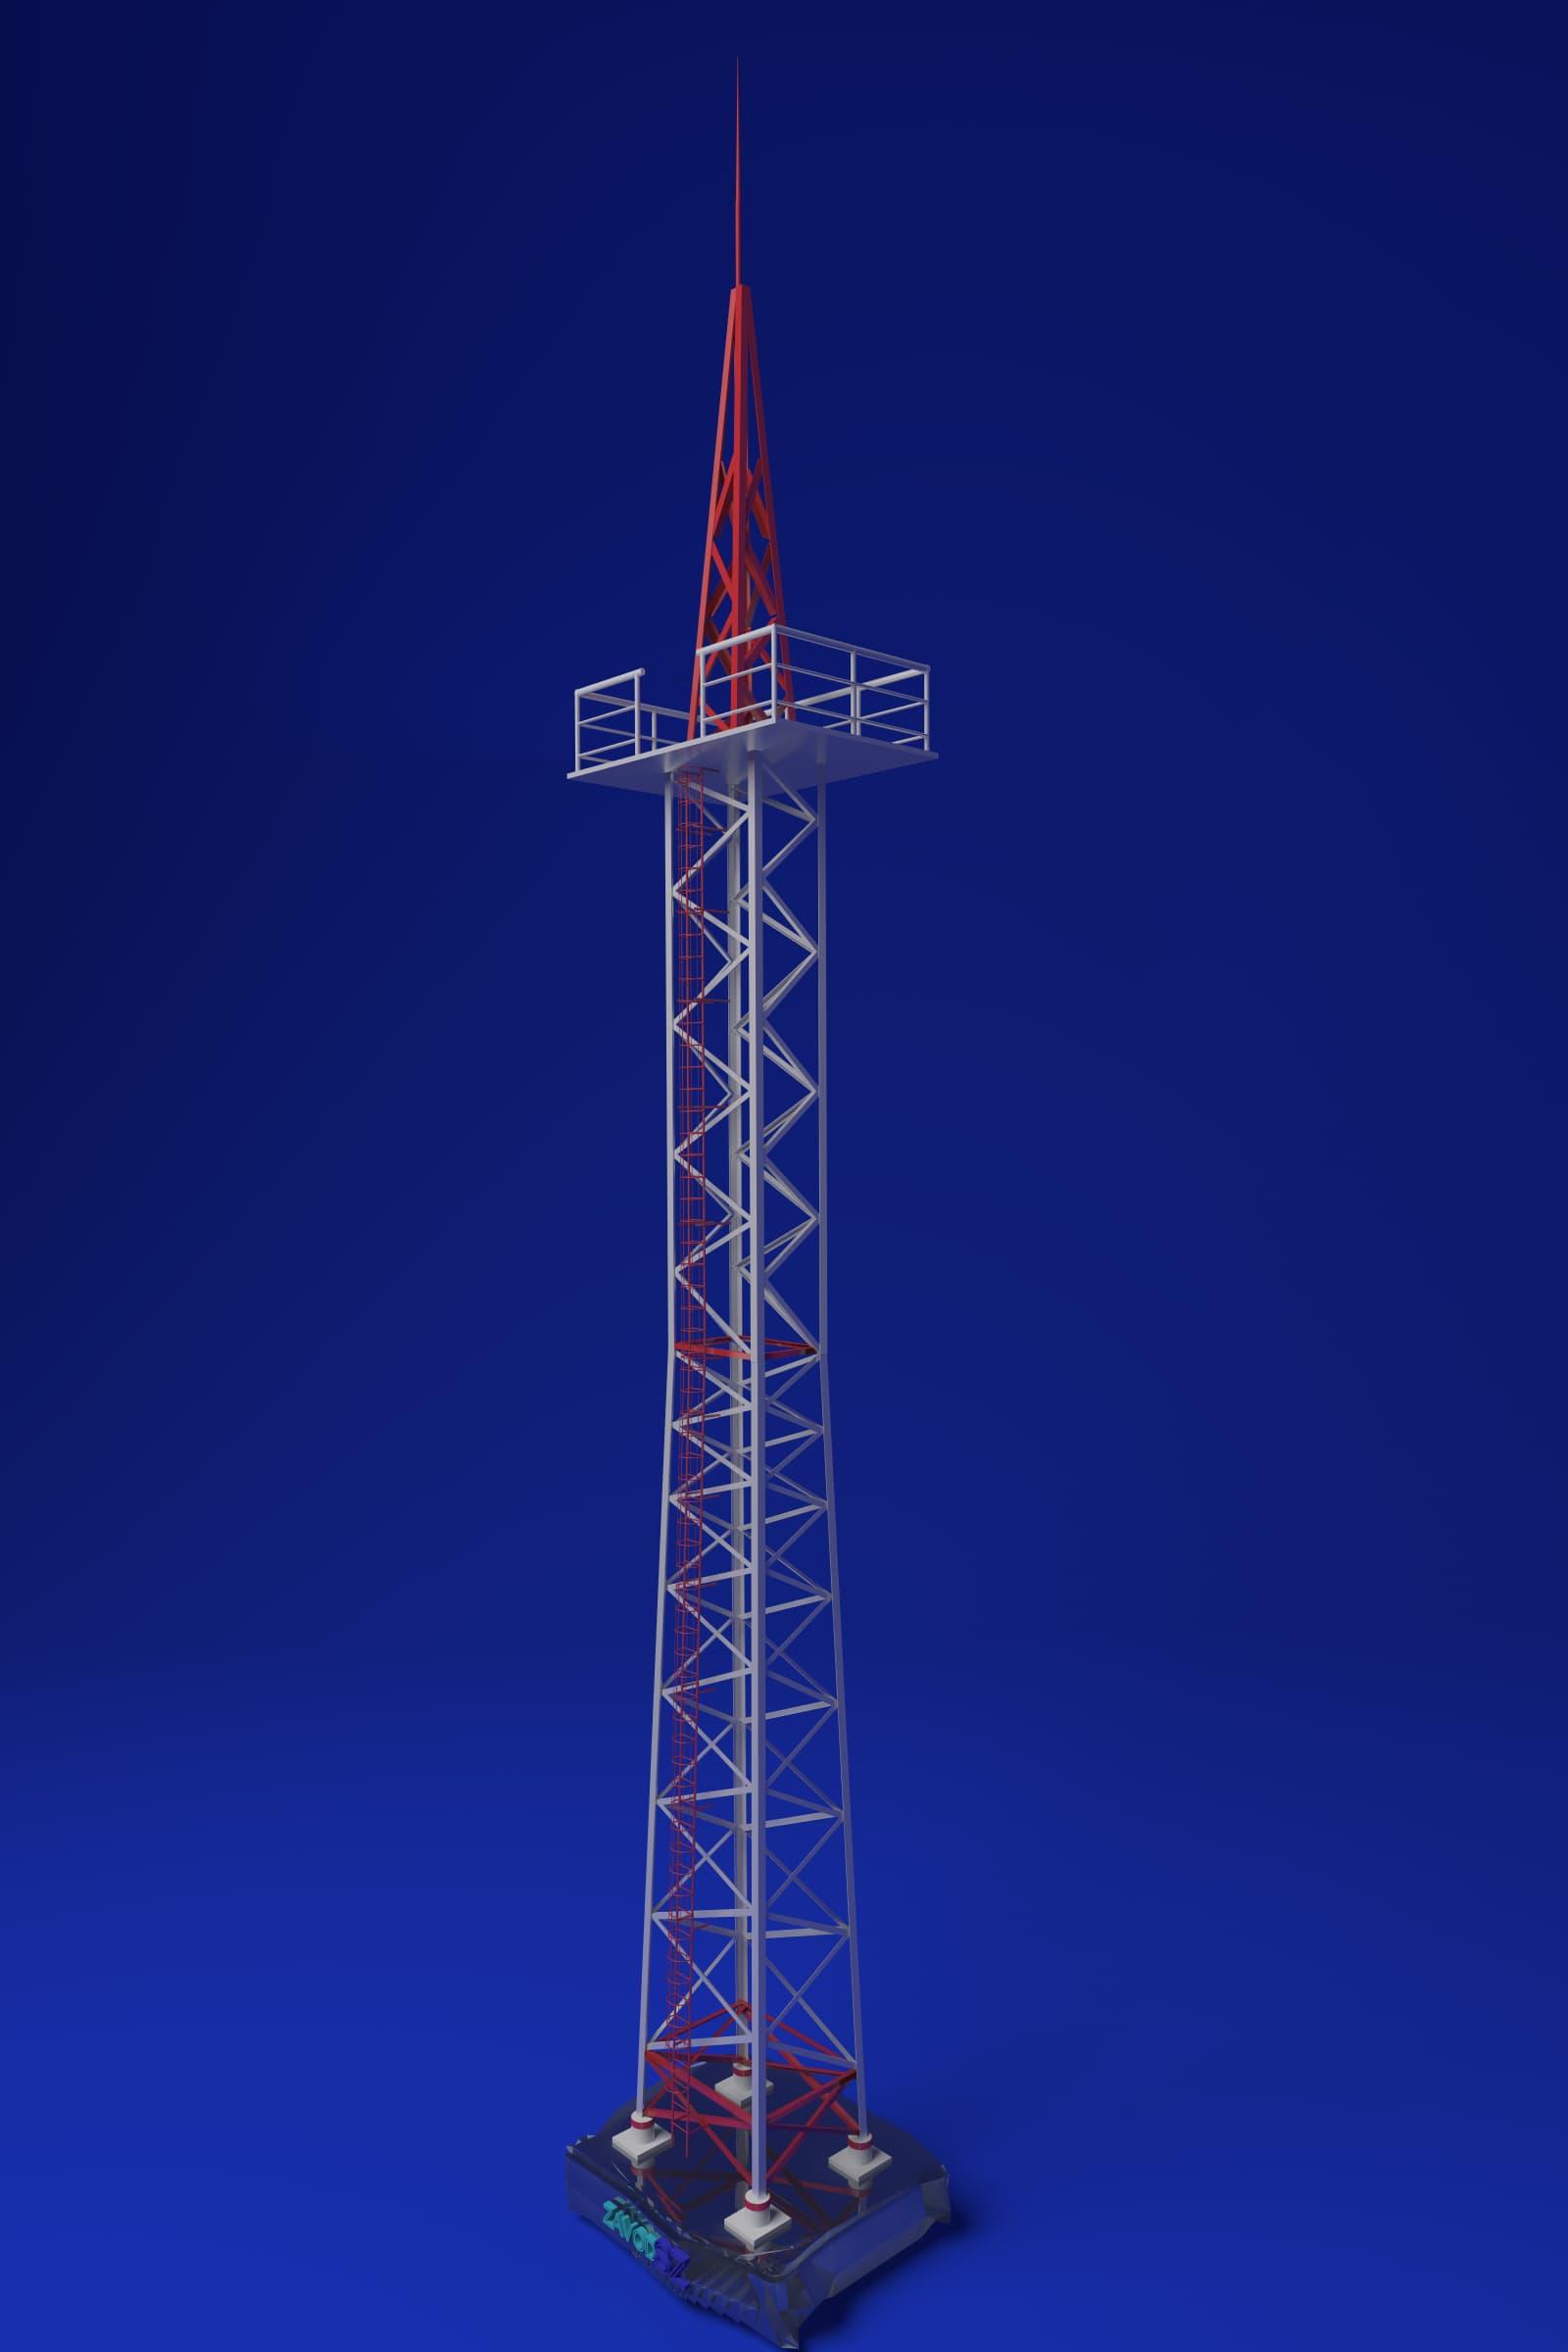 Молниеотвод 33.2м МС-33,2 (3.407-108) - фото